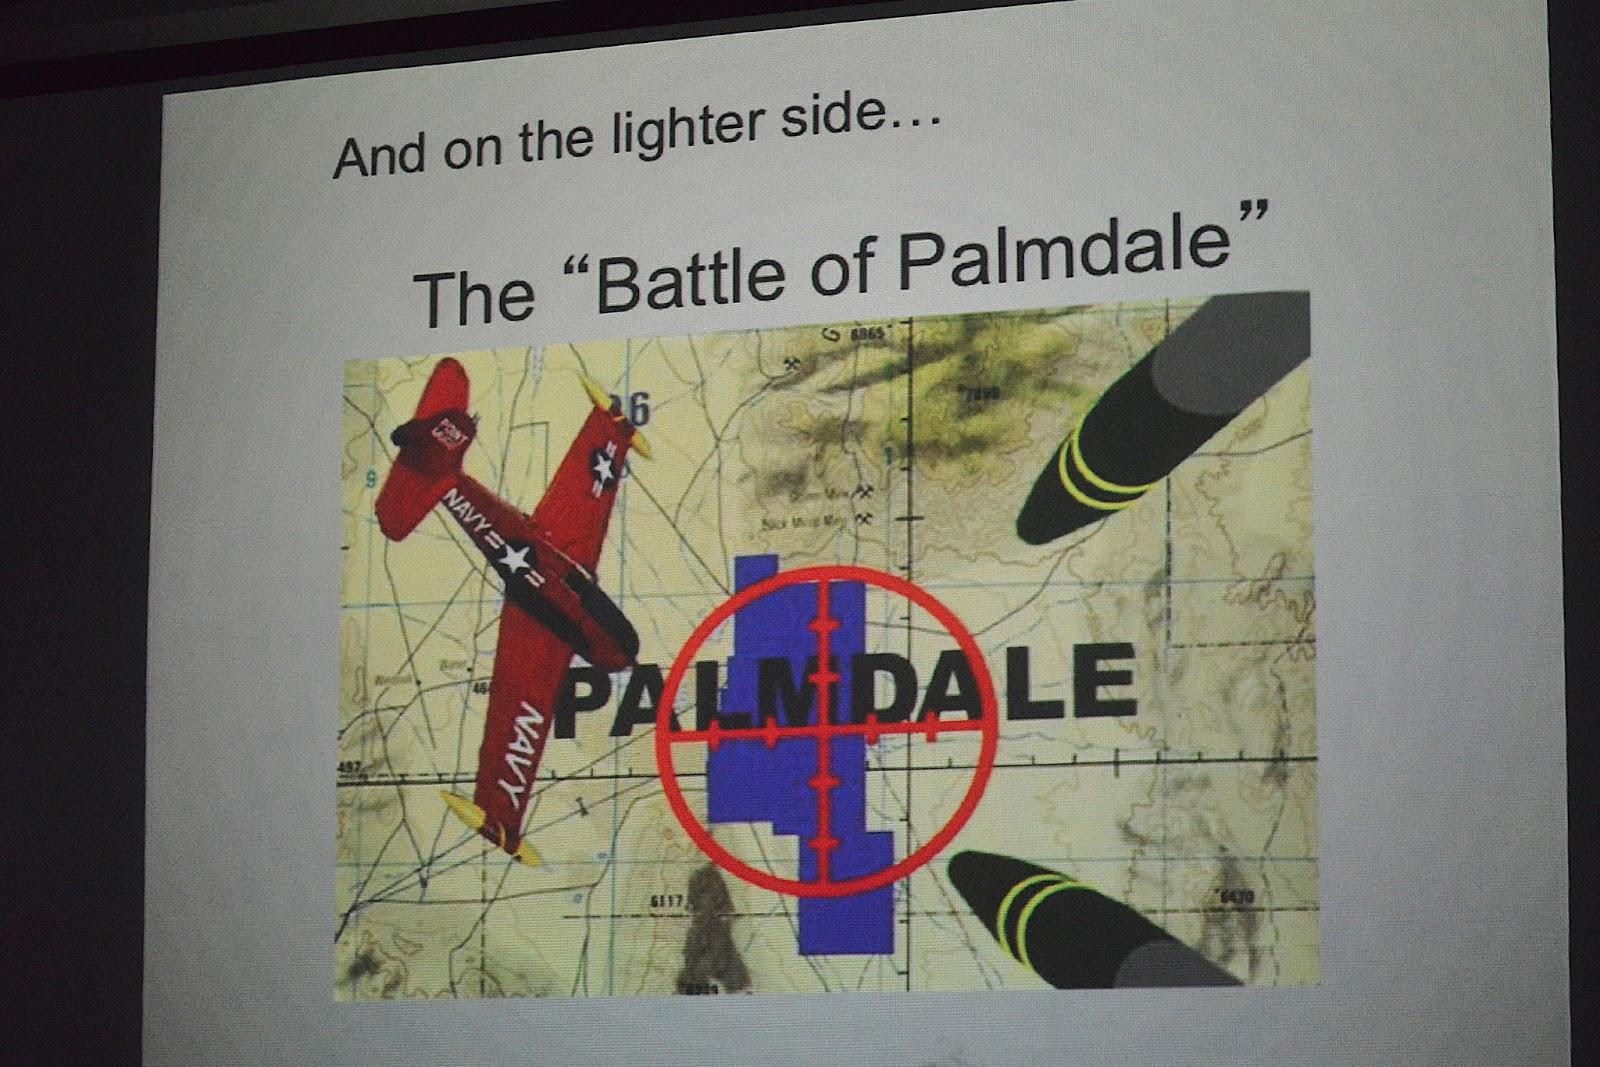 قصة طائرة من دون طيار أحدثت معركة جوية إبان الحرب الباردة AAA_3449